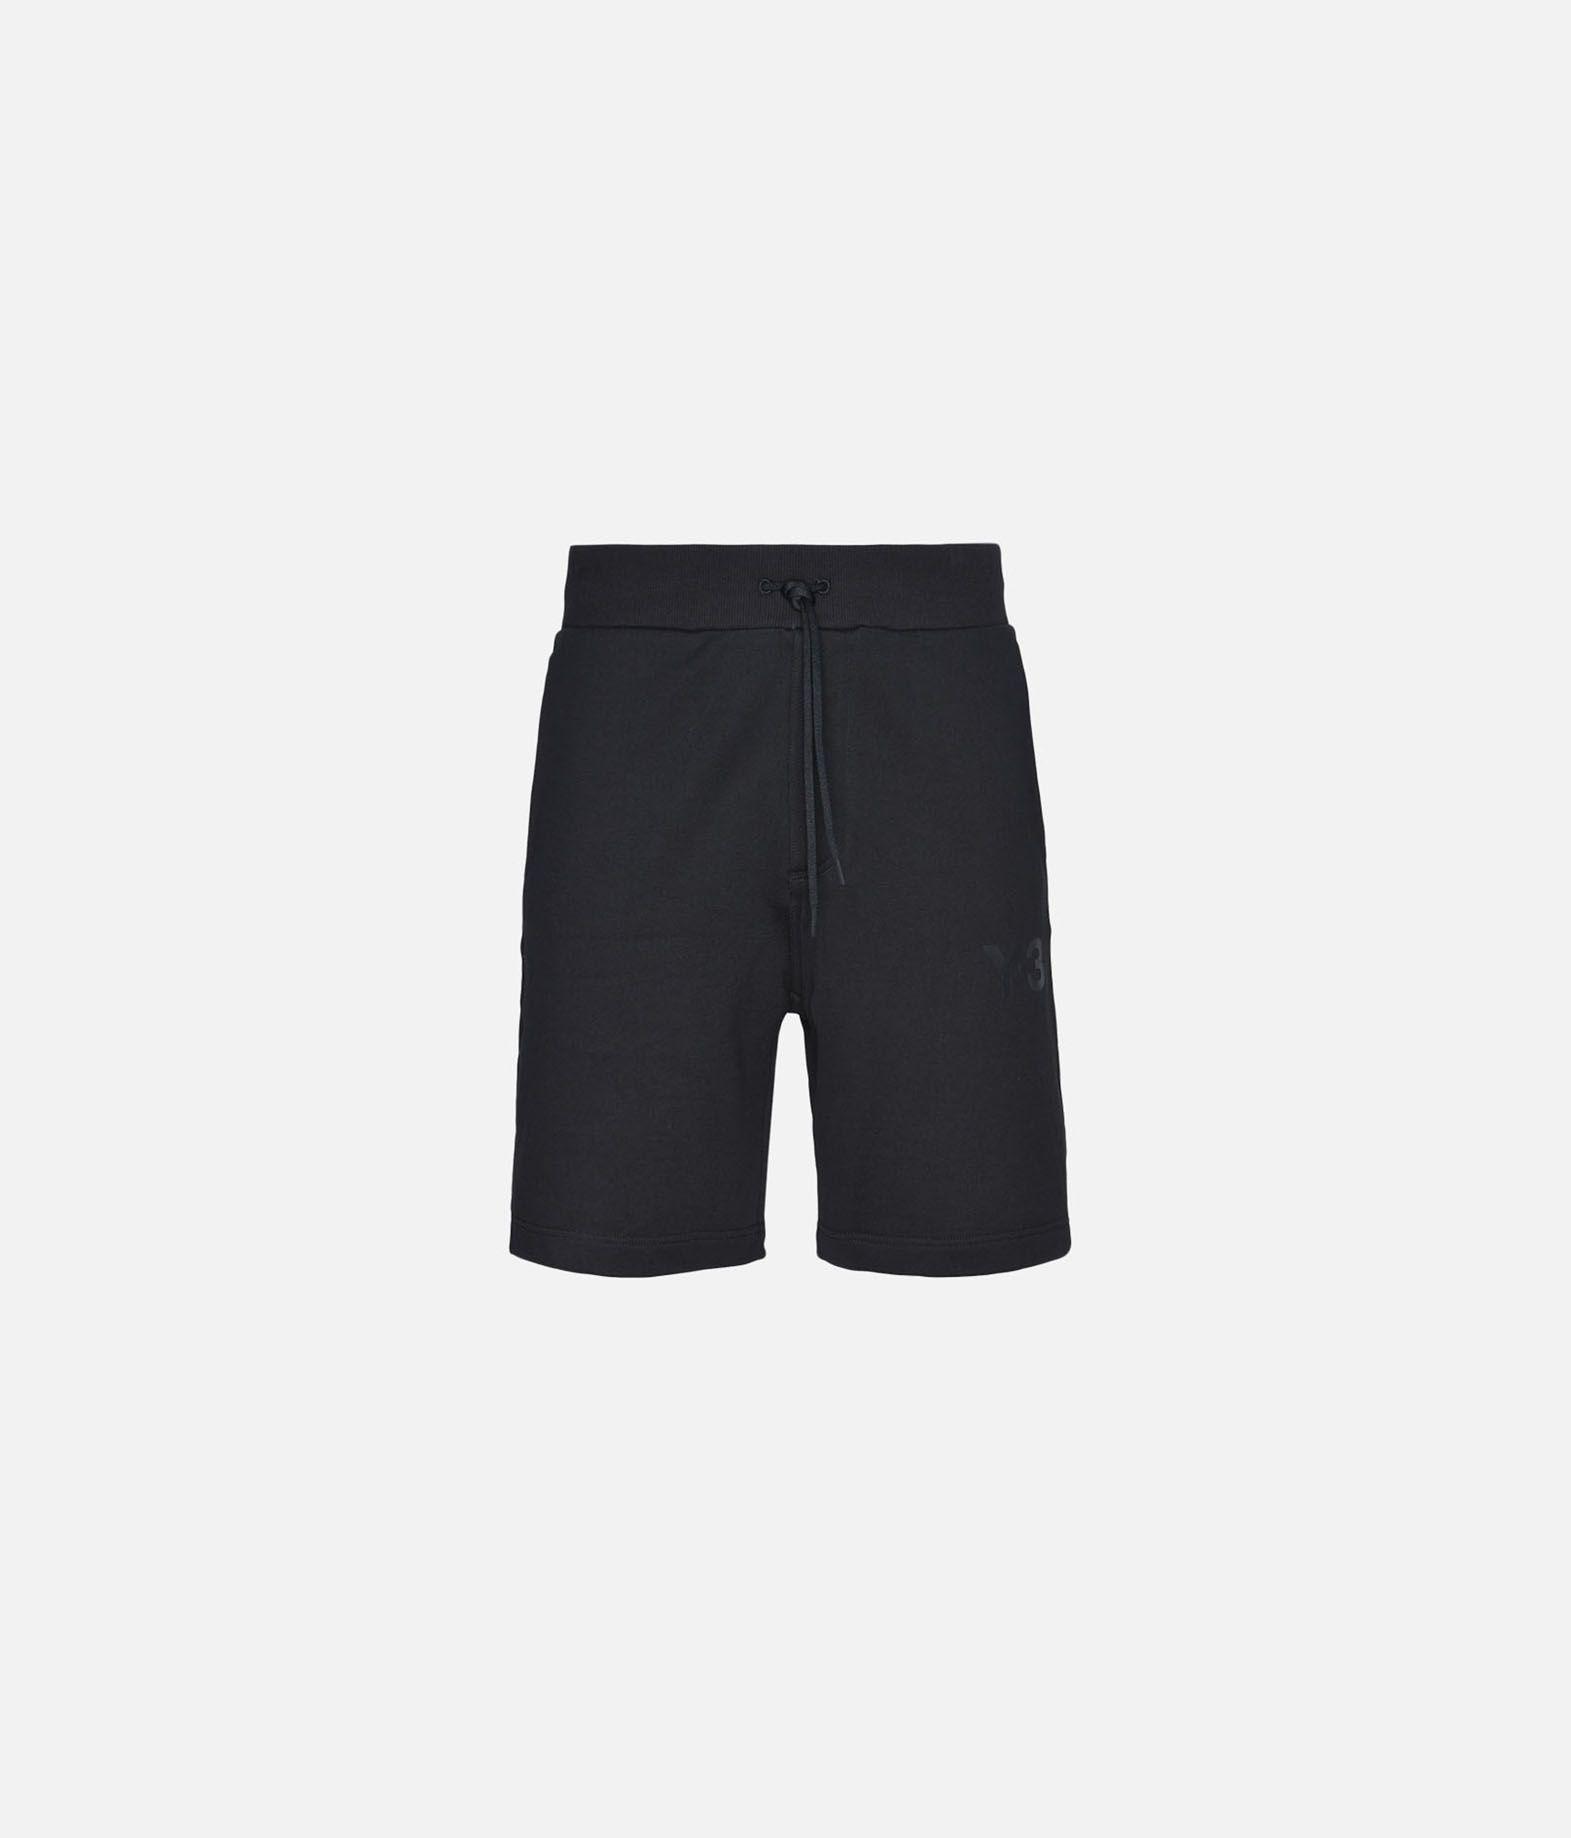 adidas y3 shorts